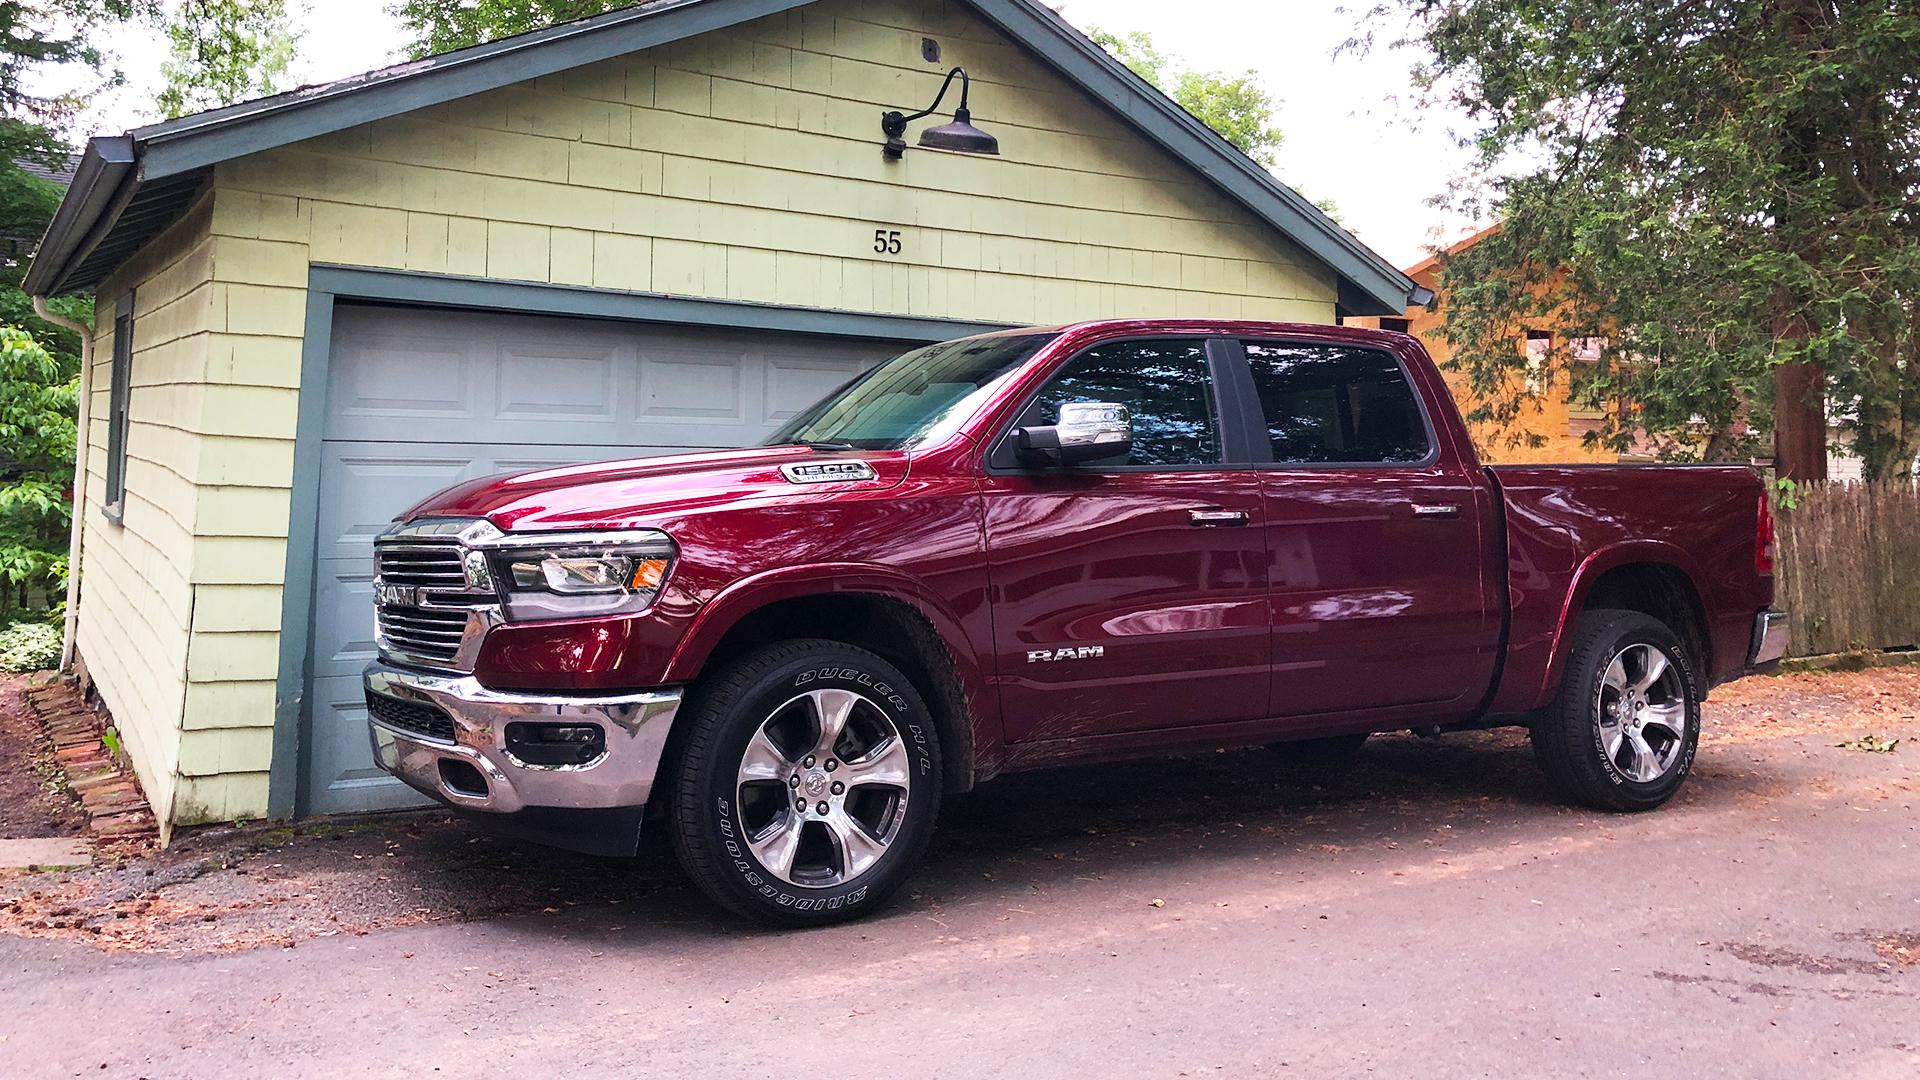 2019 Ram 1500 Laramie Crew Cab 4x4 Review: One Fancy ...